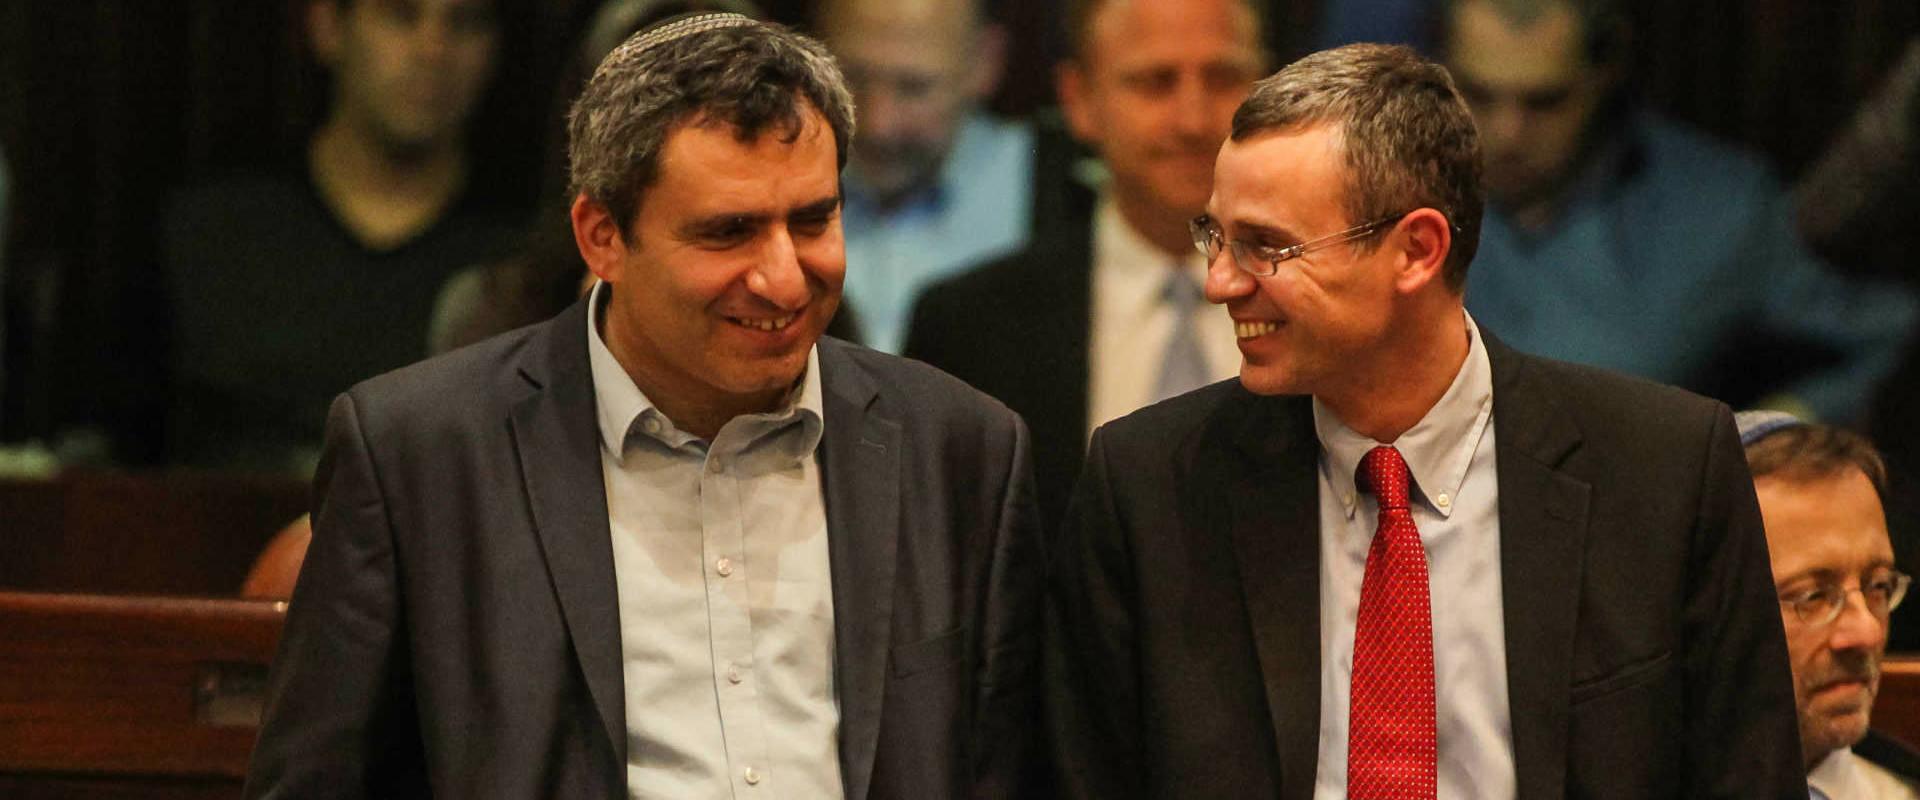 """מימין: יריב לוין וזאב אלקין. מתנגדים לשקיפות בקק""""ל"""